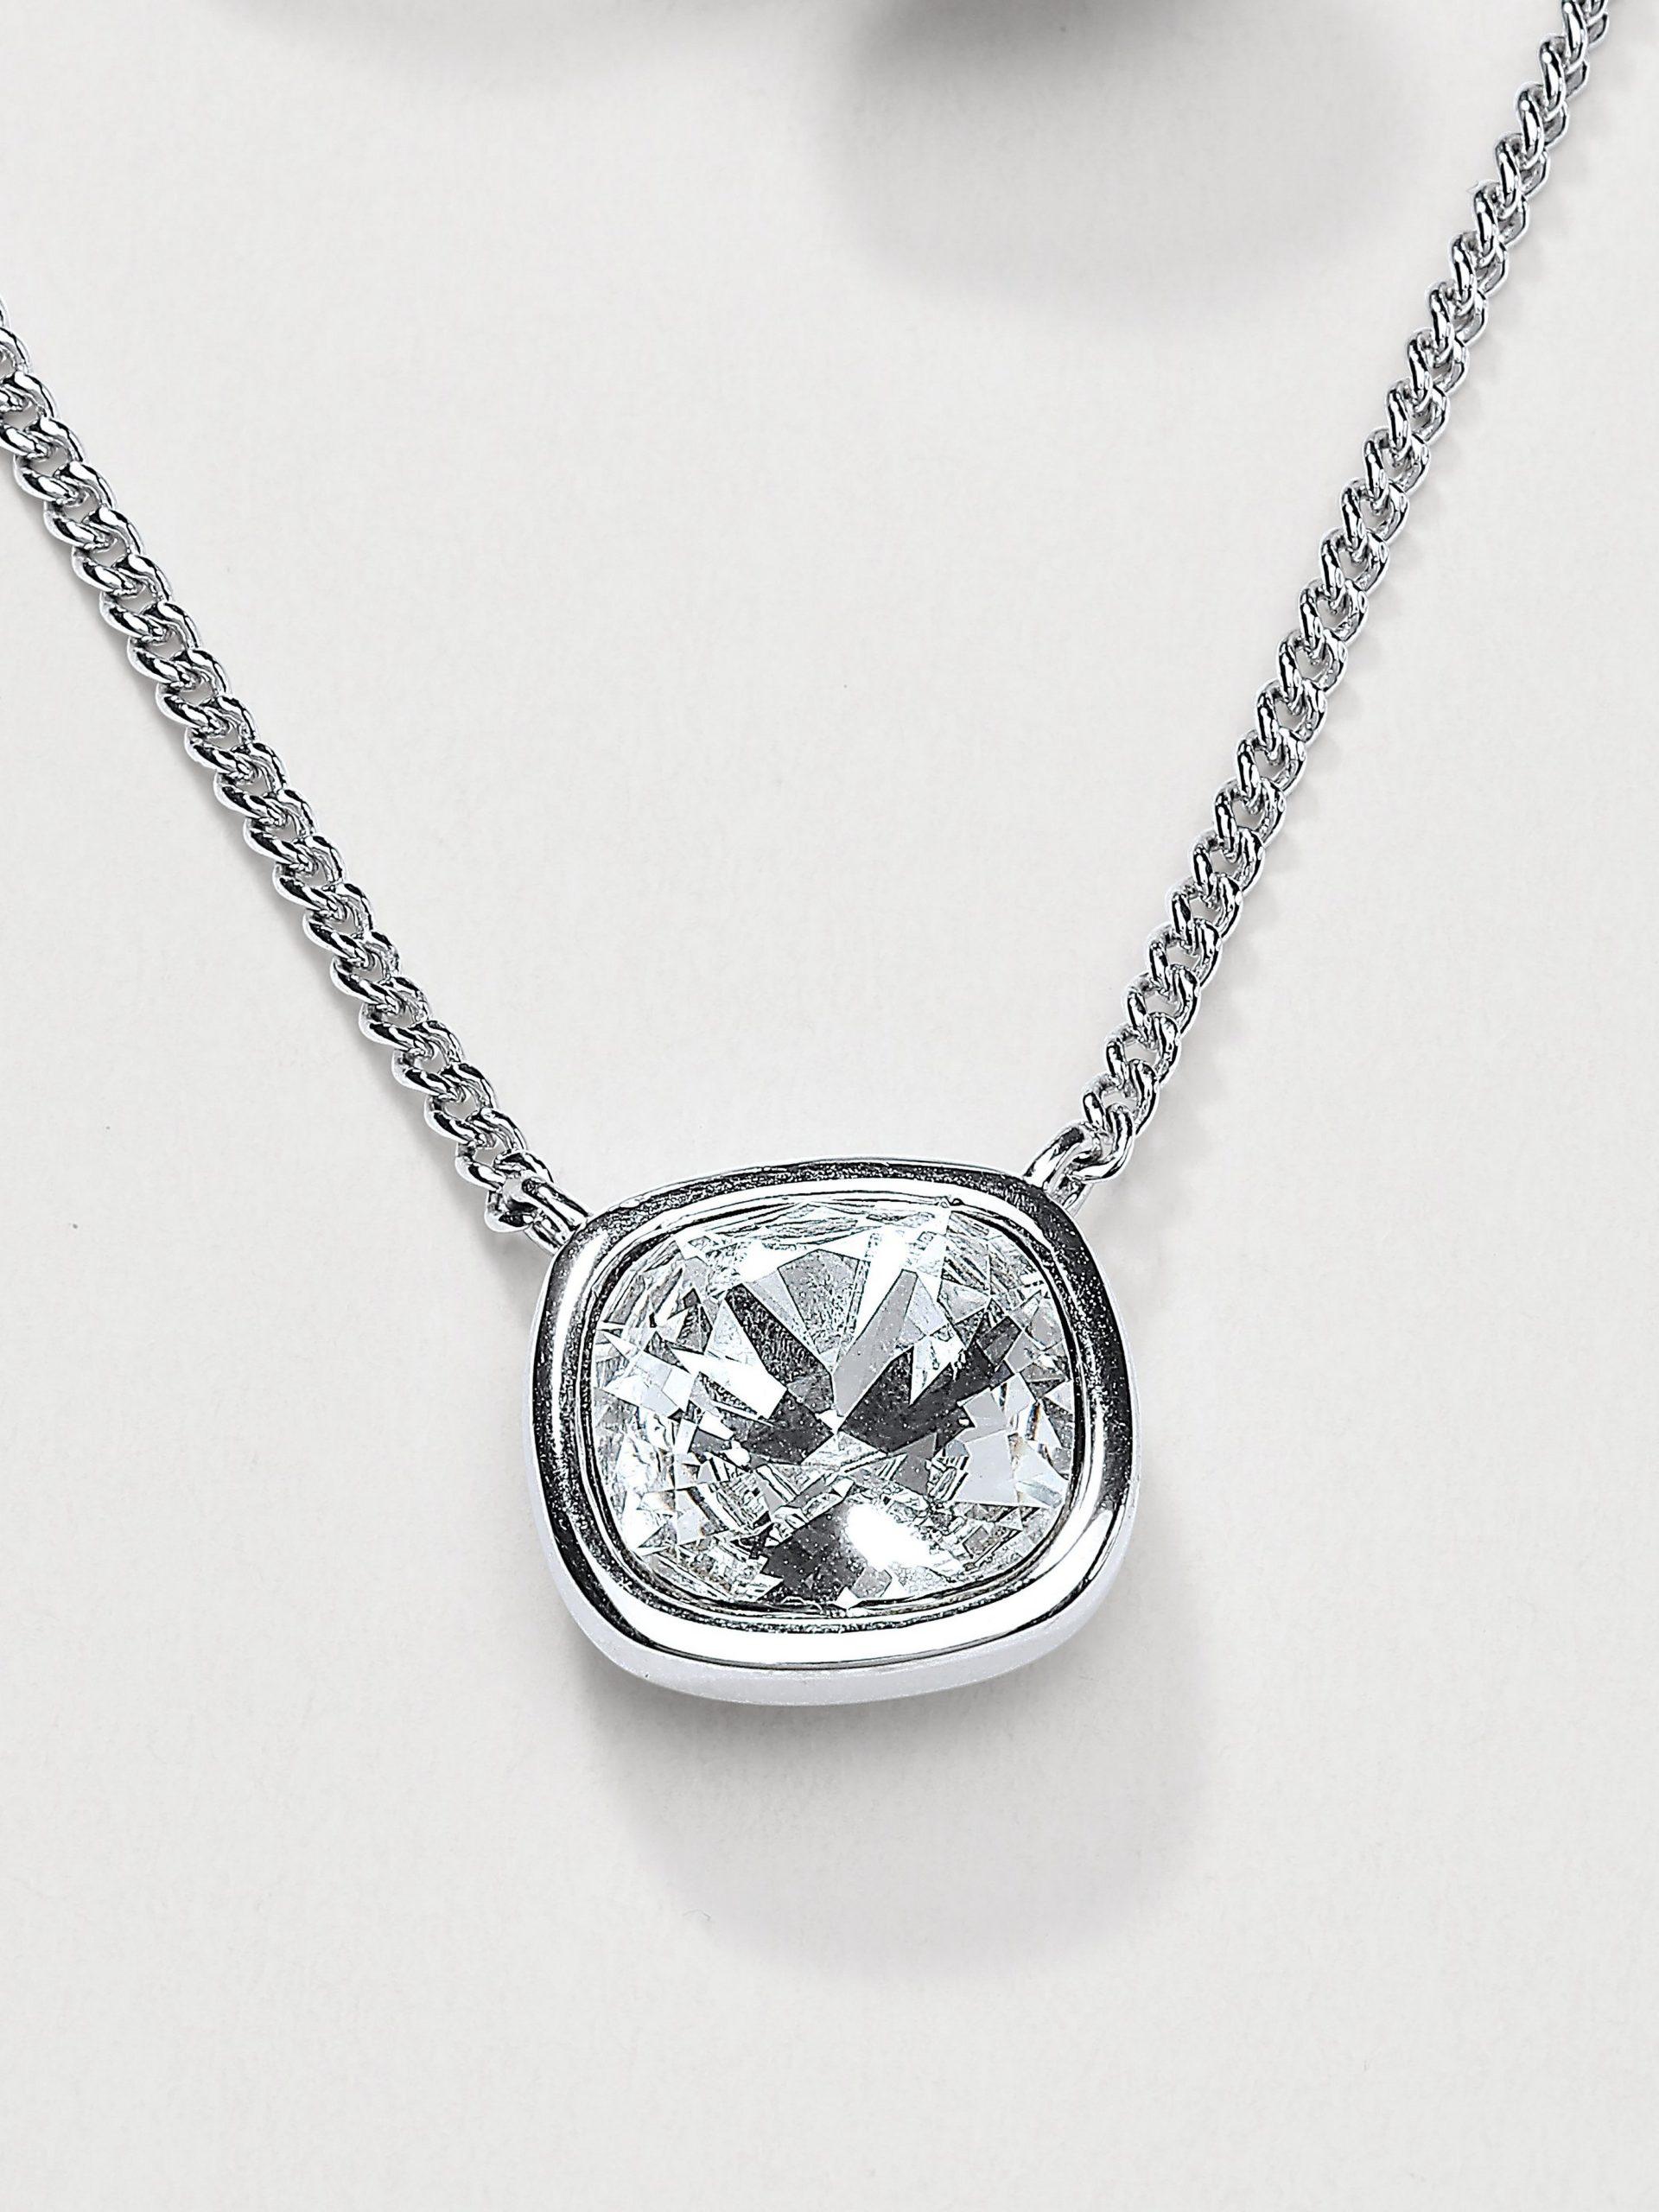 Ketting met kristal van Swarovski® Van Uta Raasch zilverkleur Kopen